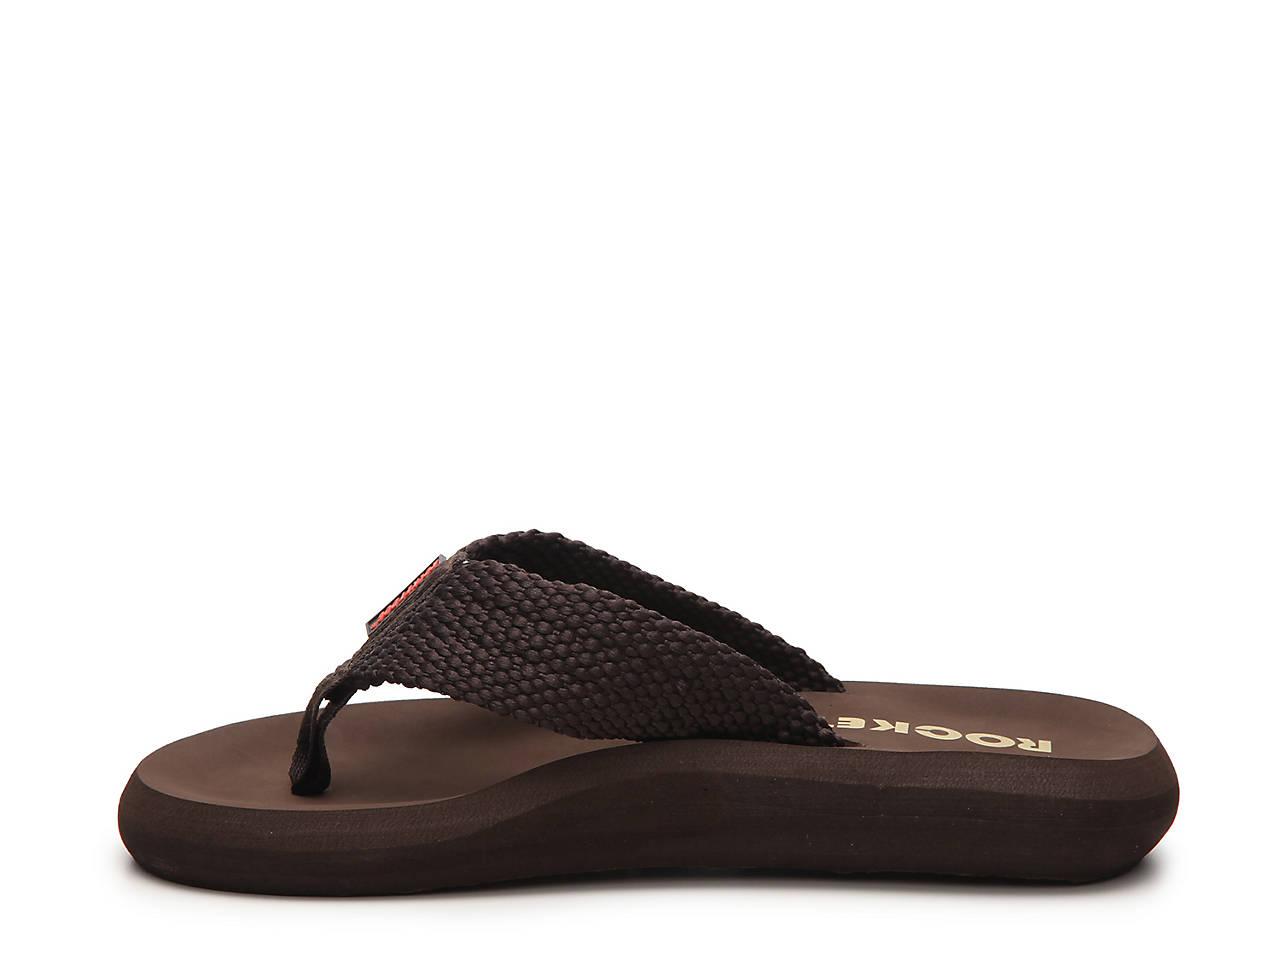 0d19040d80c Rocket Dog Sunset Flip Flop Women s Shoes